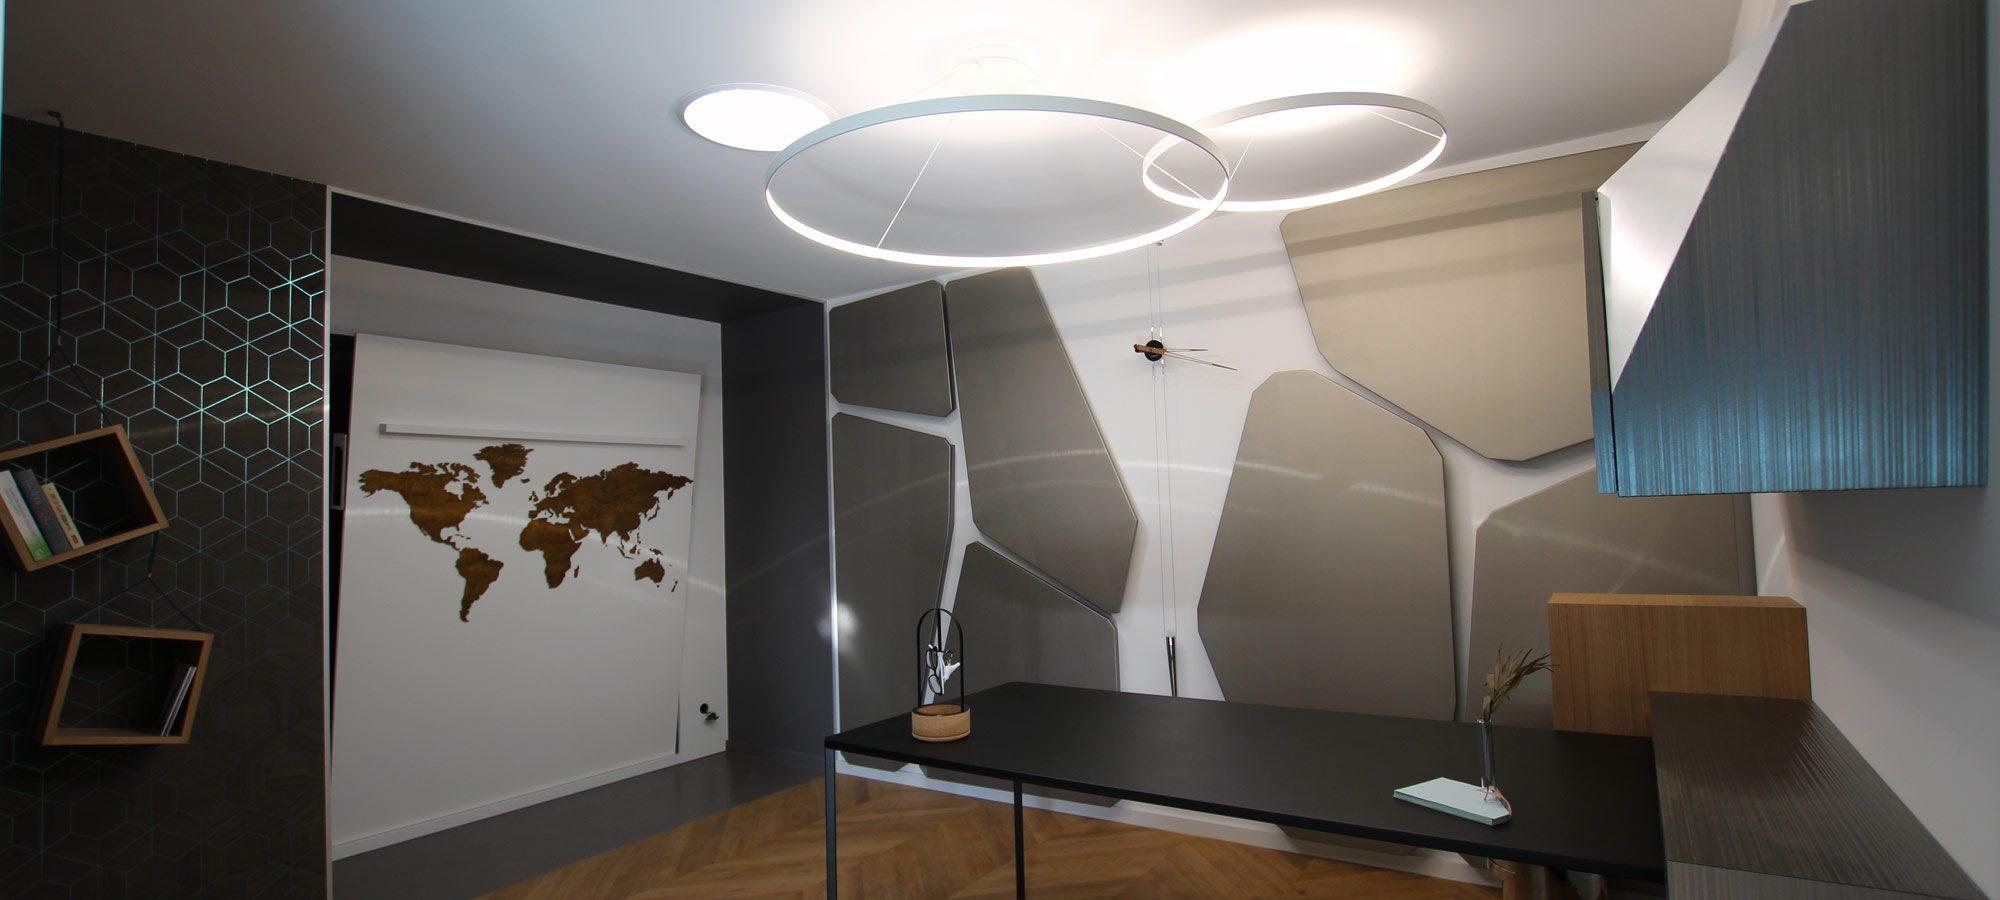 Armoire Sous Pente Sur Mesure créations gravouille - fabrication de bureaux et dressings